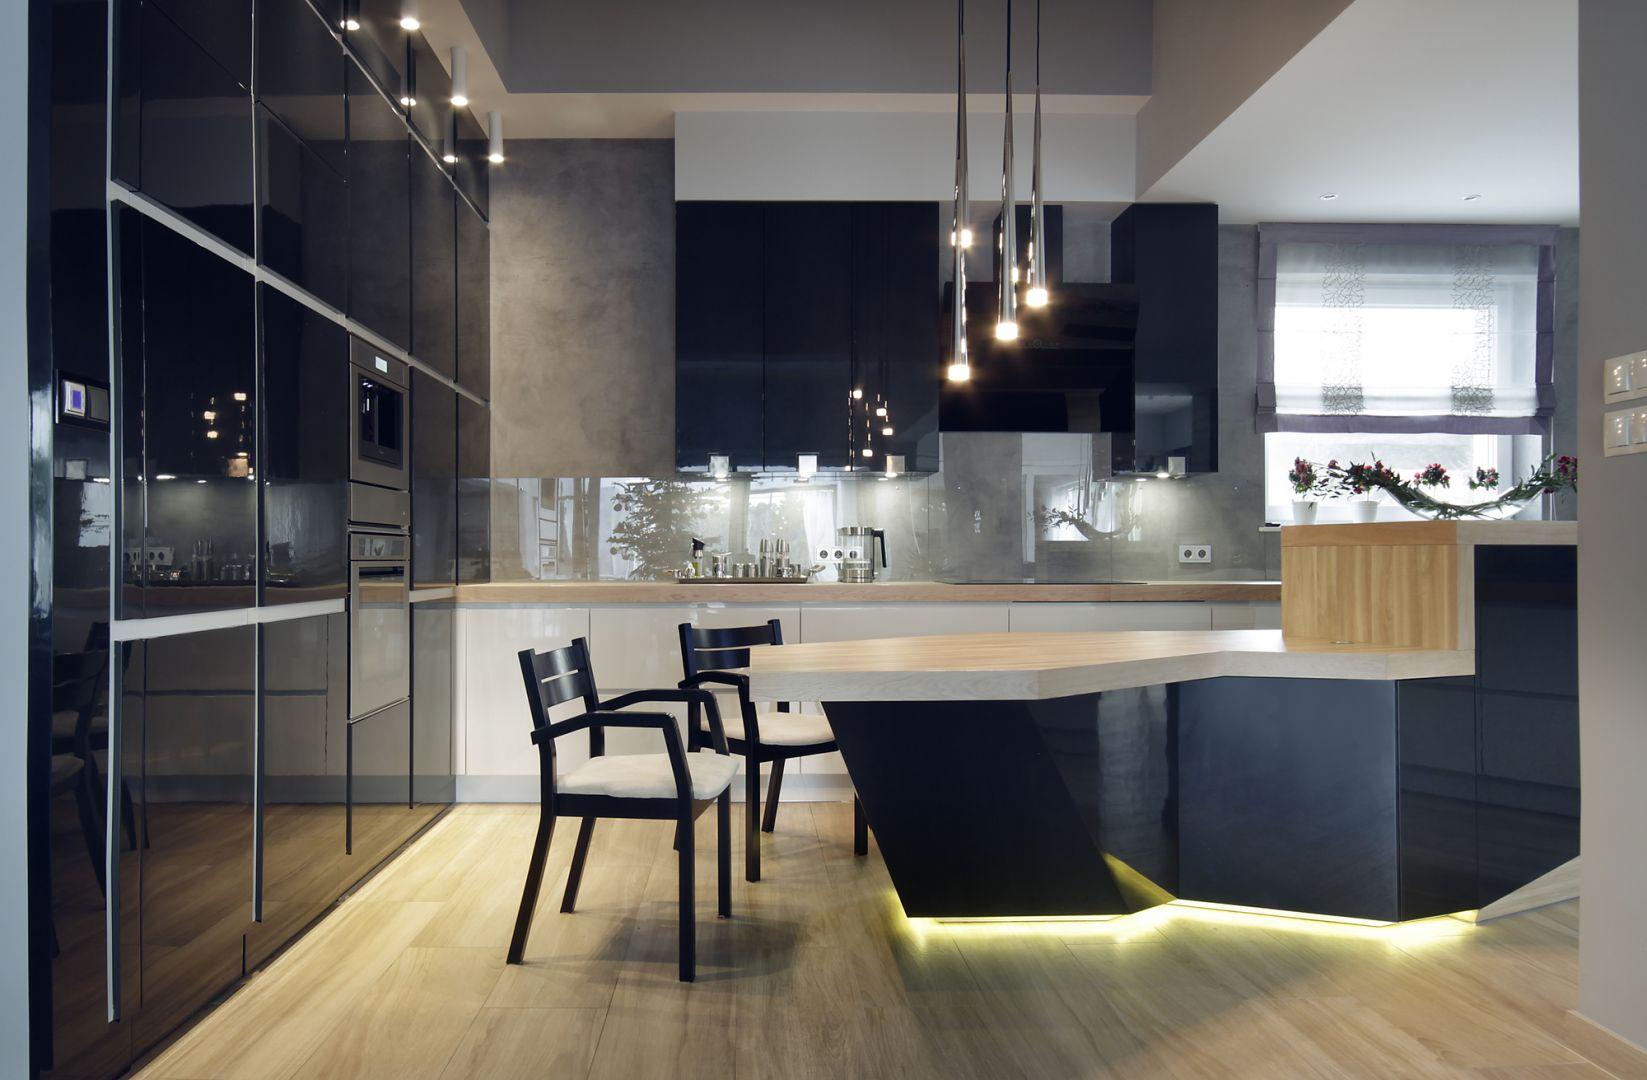 Studio Mebli Kuchennych Max Kuchnie Kampra Nochowo. Realizacja kuchni zgłoszona do konkursu Kuchnia-Studio Roku 2020 na najlepsze realizacje wykonane przez studia kuchenne